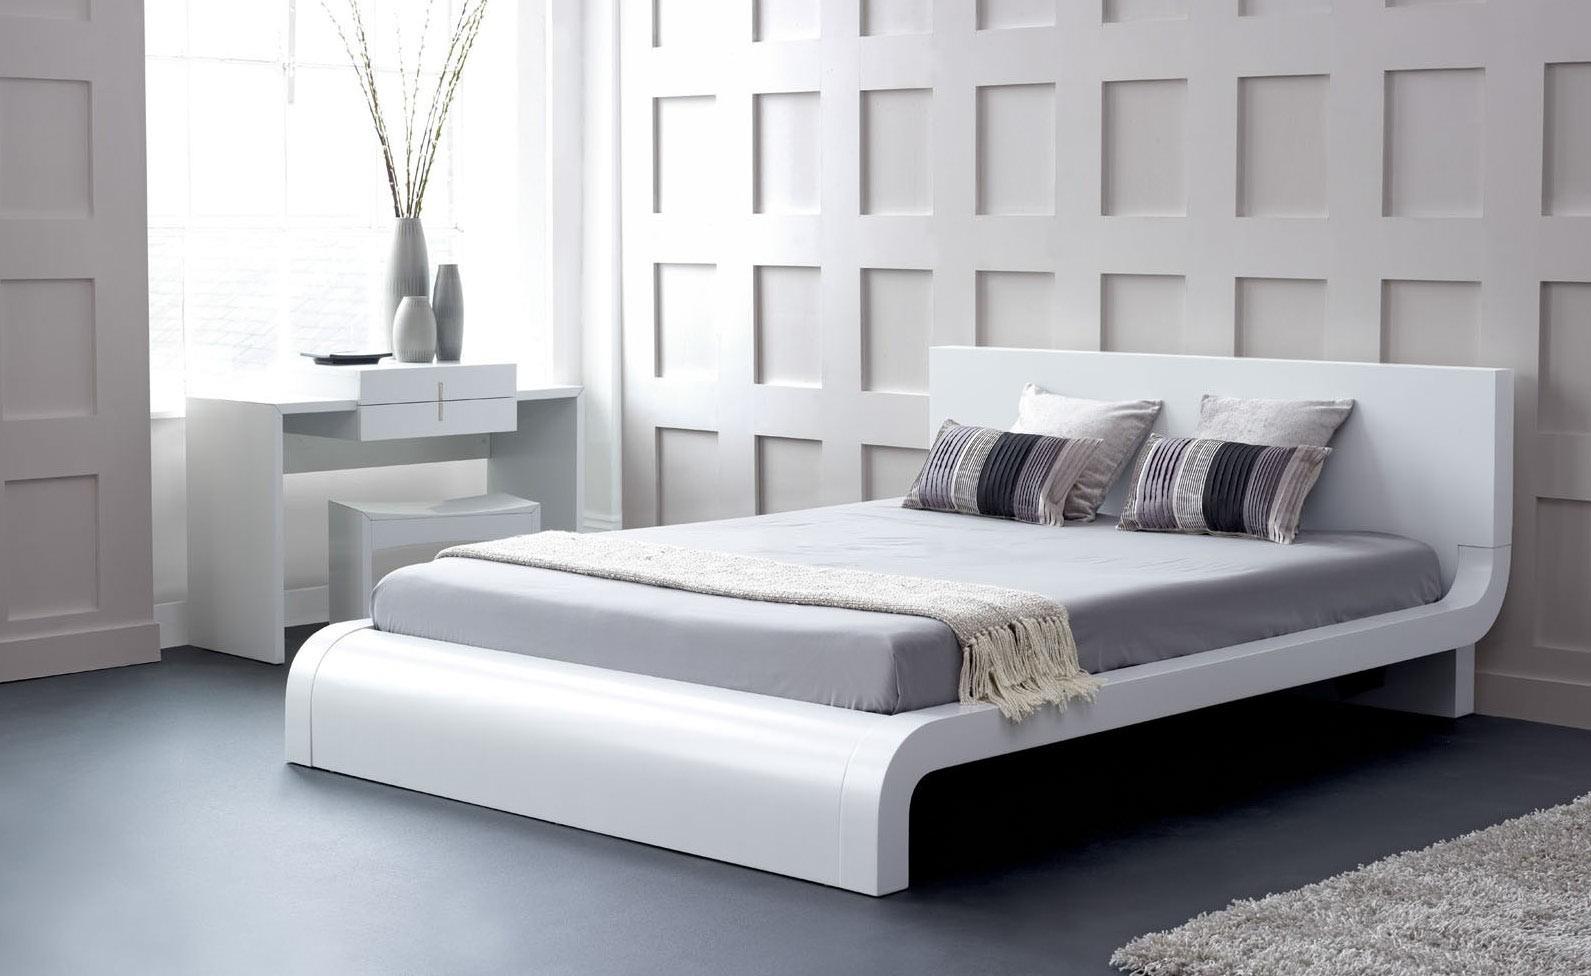 cama moderna